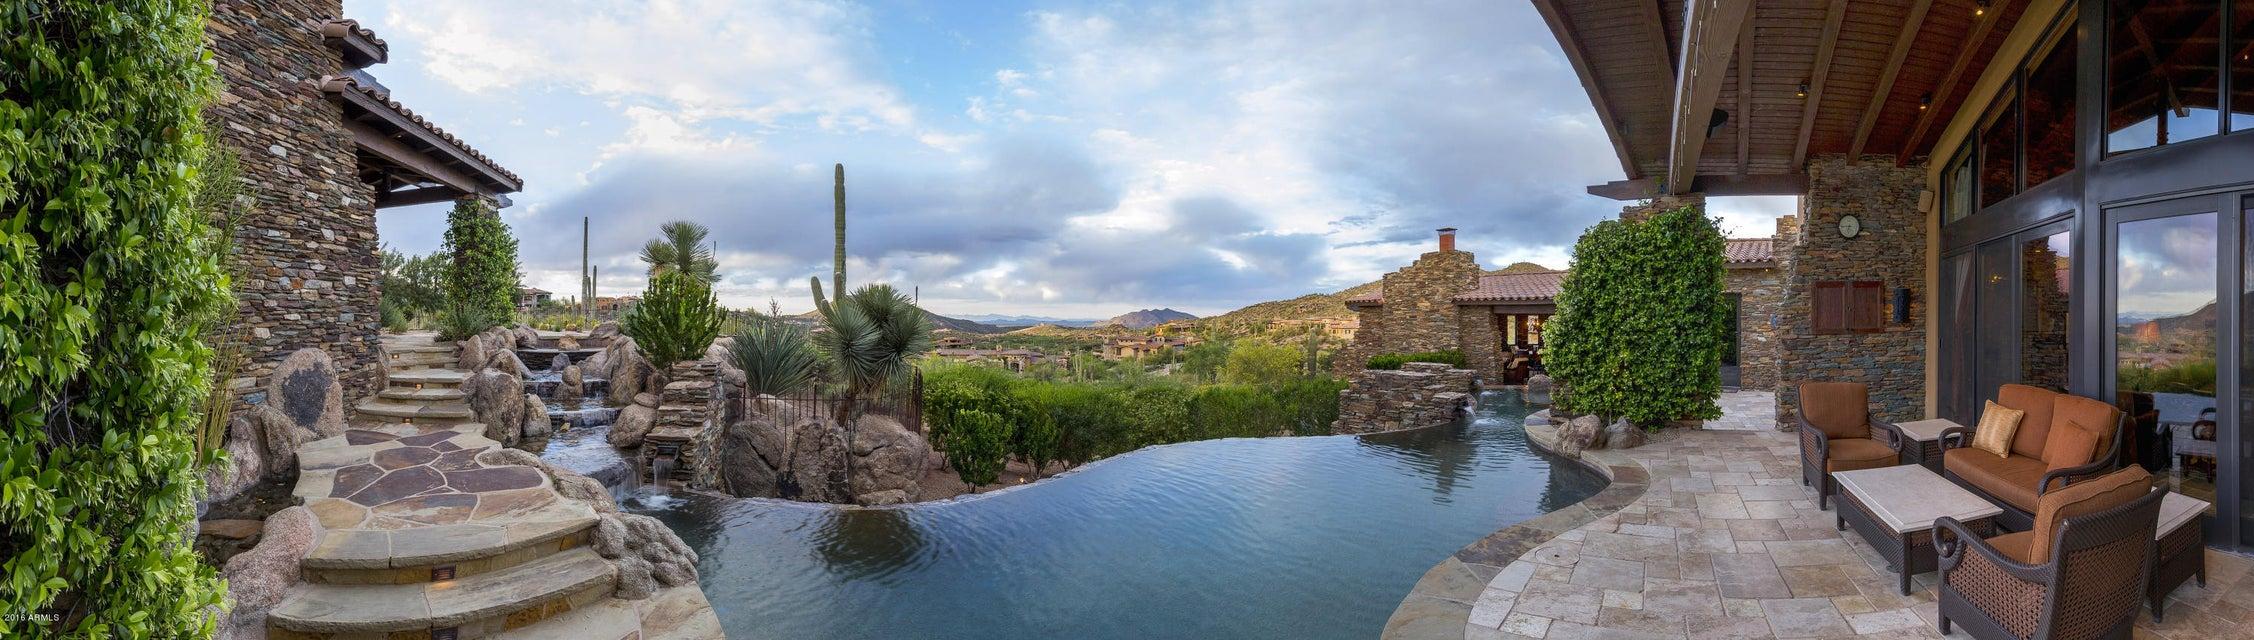 9793 E Falling Star Drive Scottsdale, AZ 85262 - MLS #: 5422527